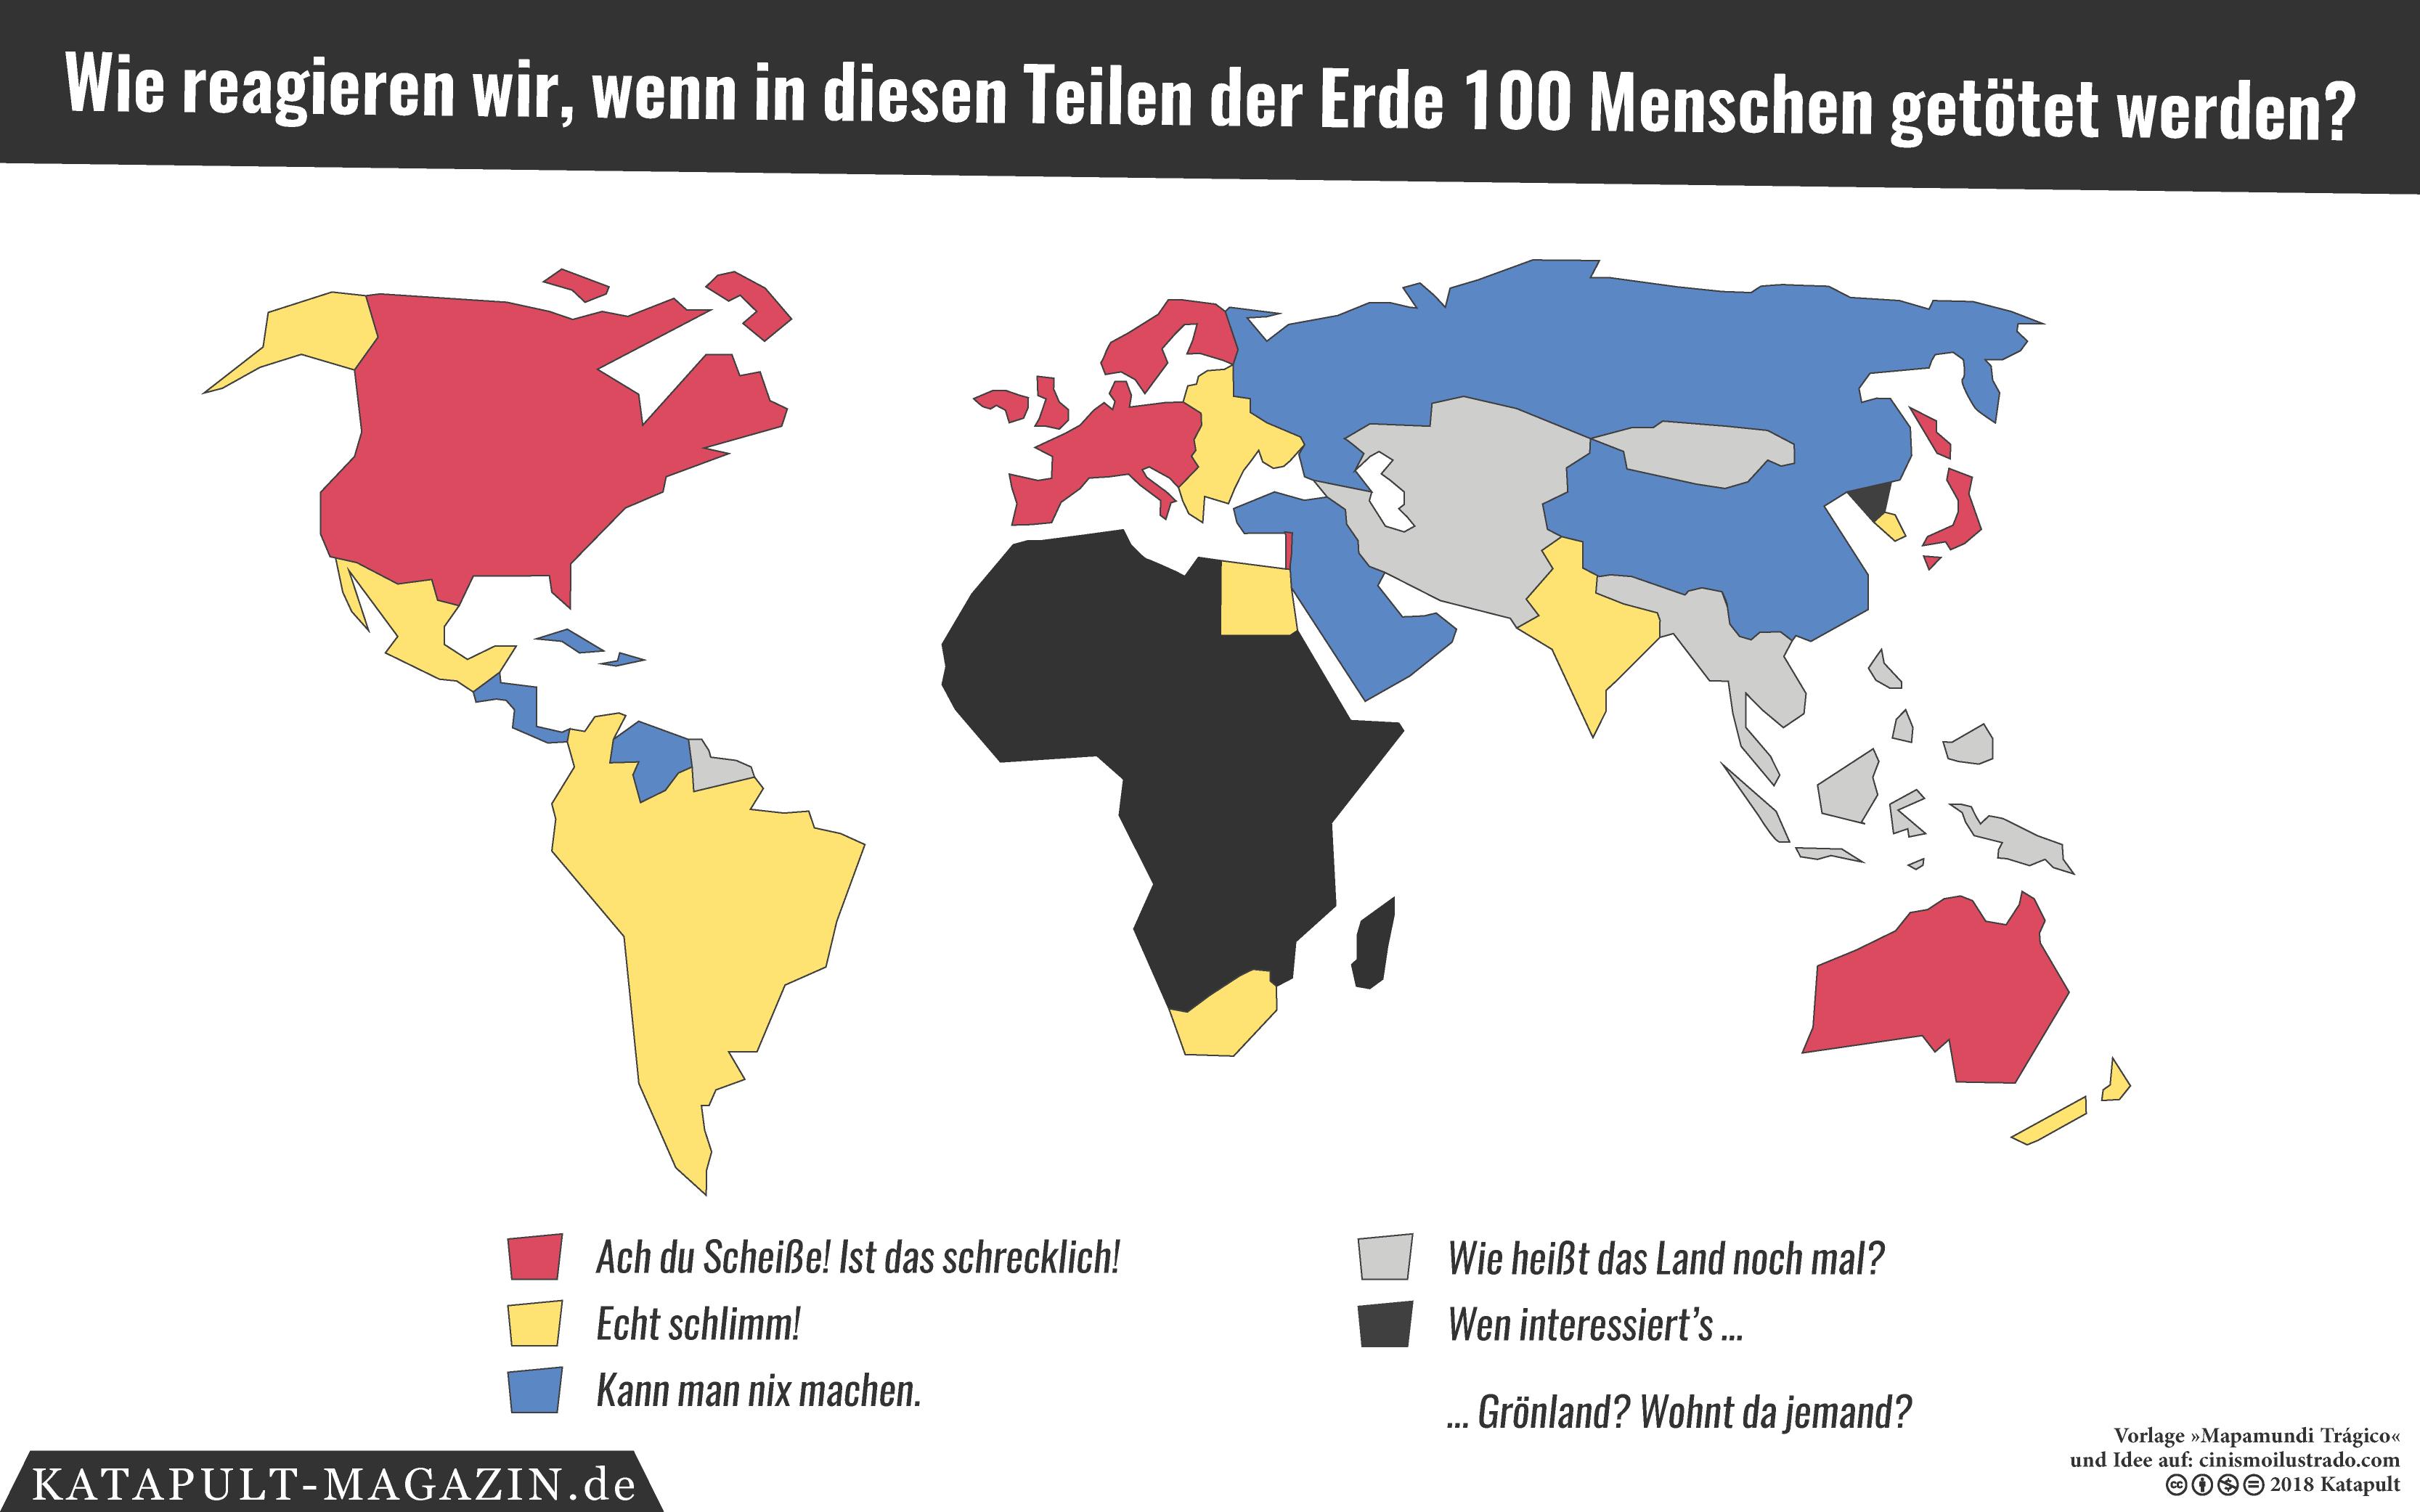 Katapult-Magazin: Wie reagieren wir, wenn in diesen Teilen der Erde 100 Menschen getötet werden?